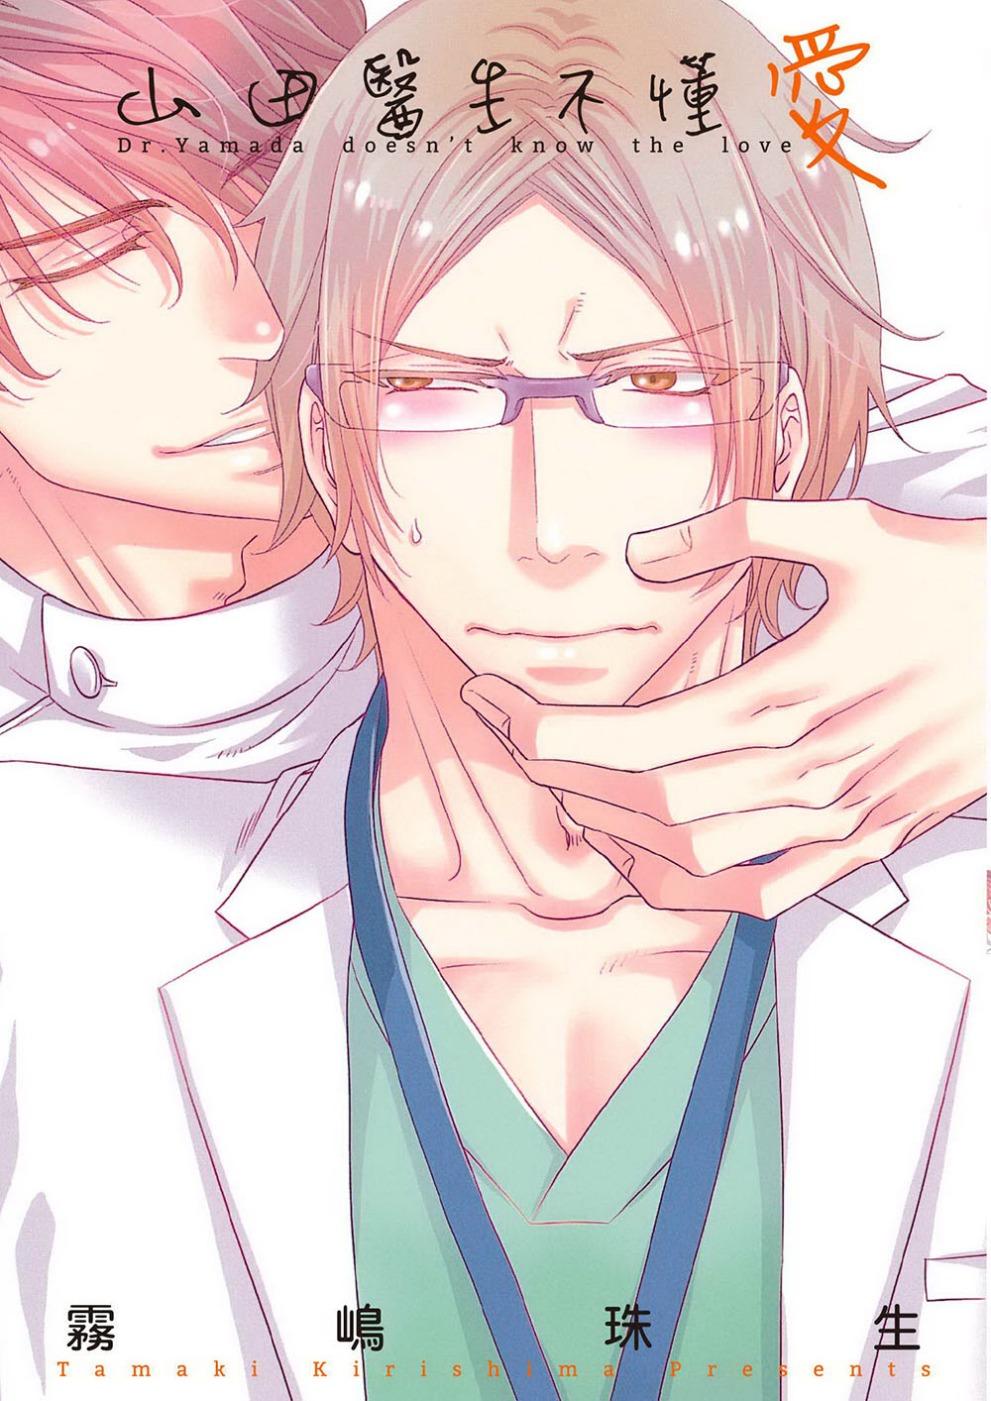 山田醫生不懂愛【限】